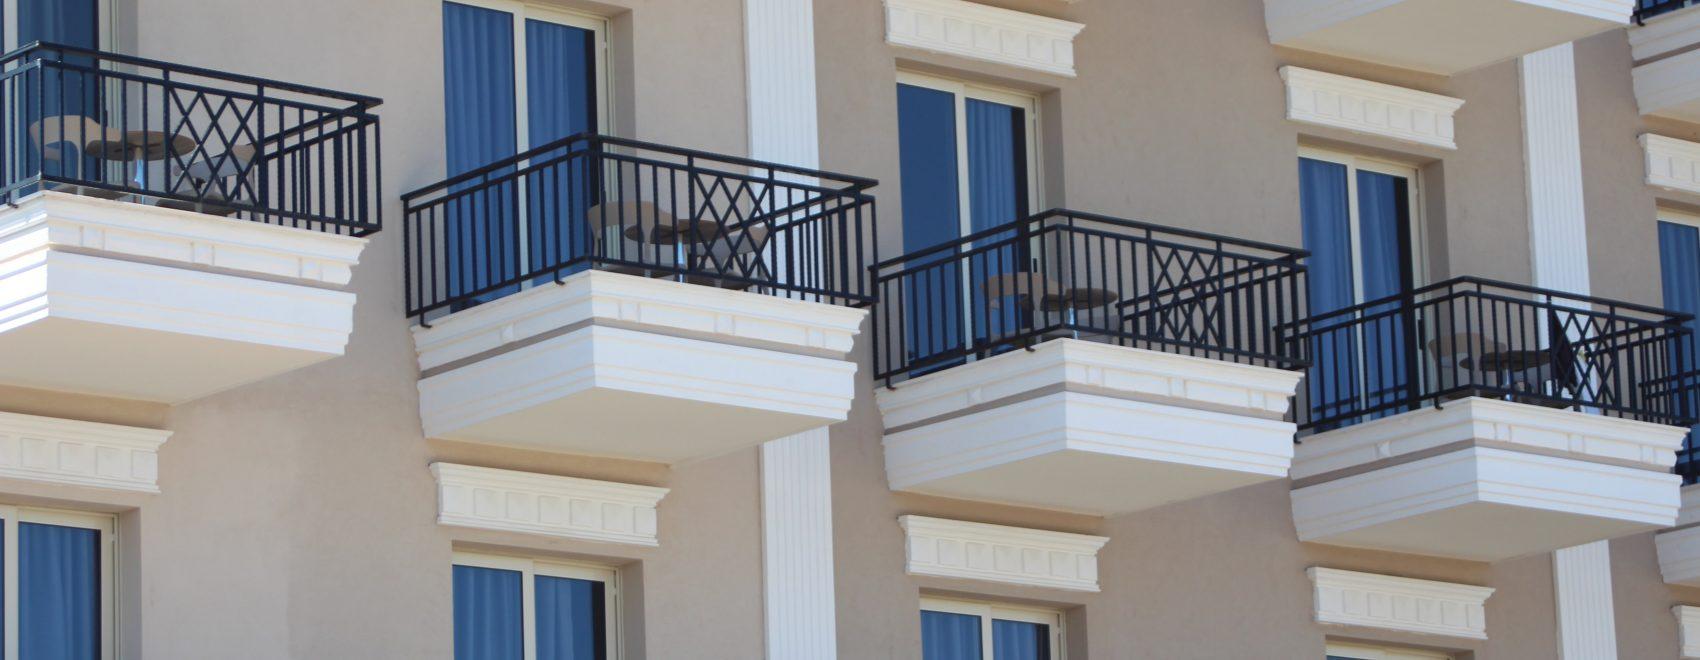 pomysły jak urządzić balkon w bloku